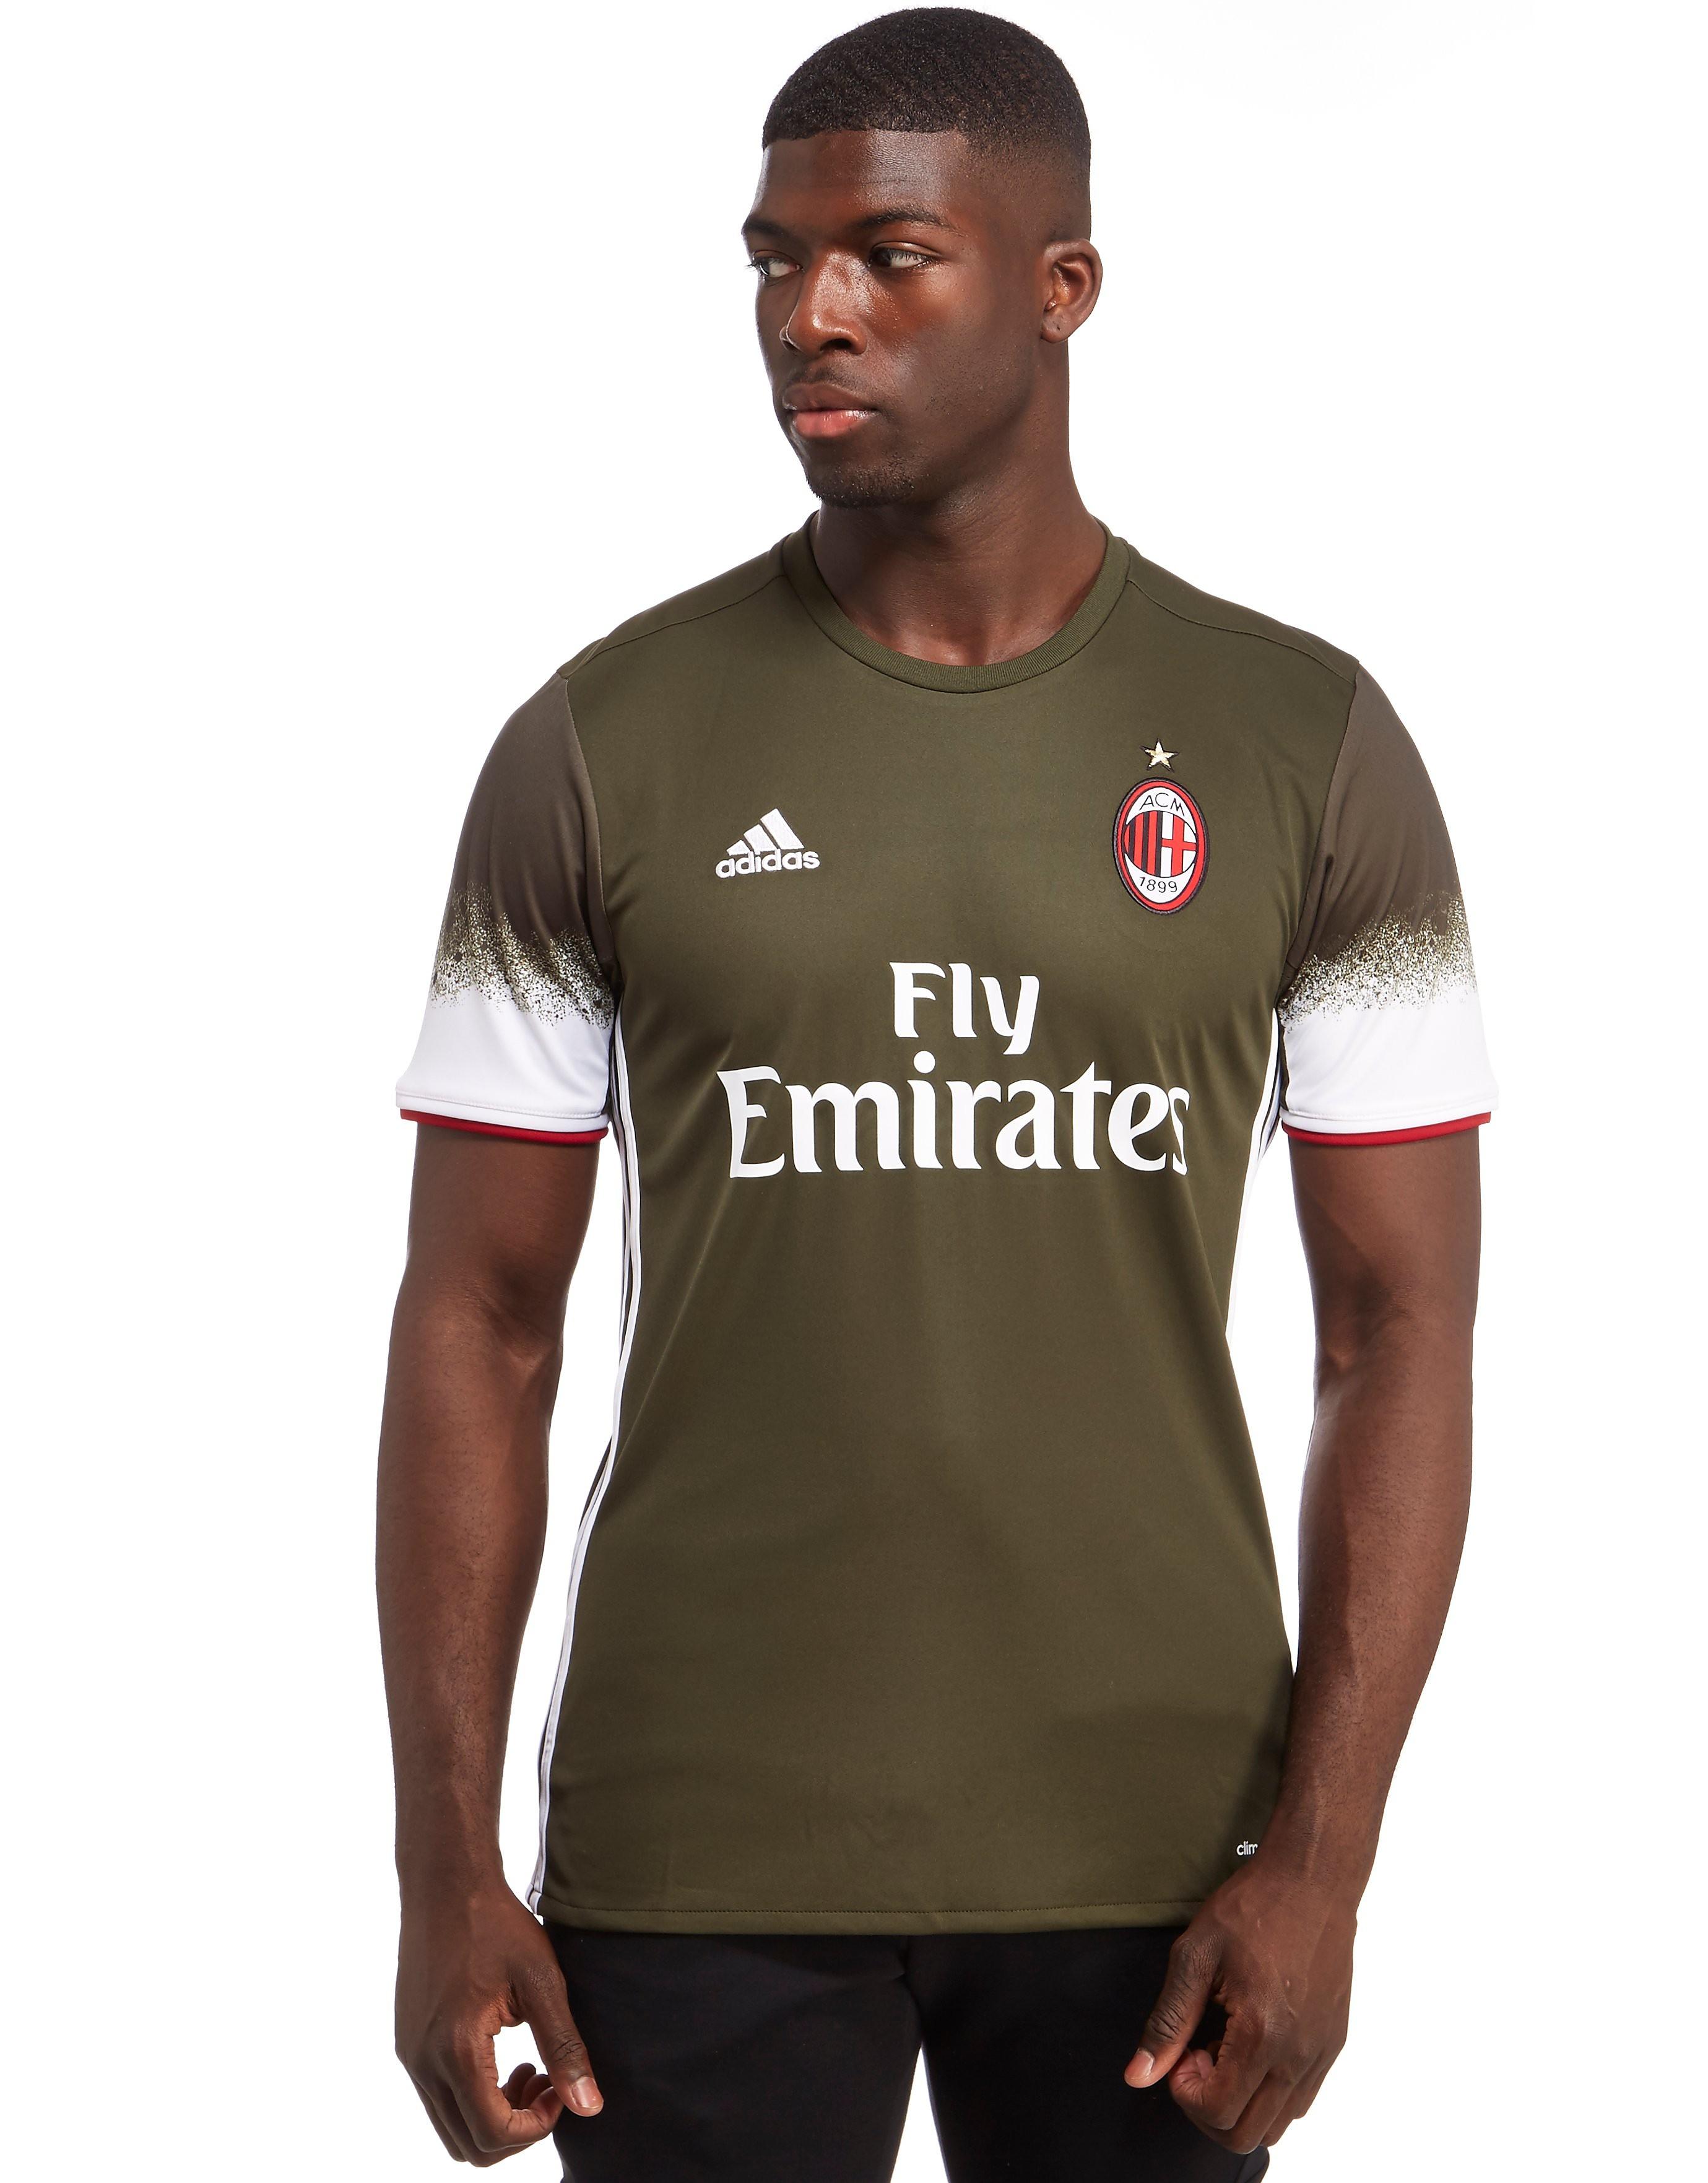 adidas AC Milan 2016/17 Third Shirt